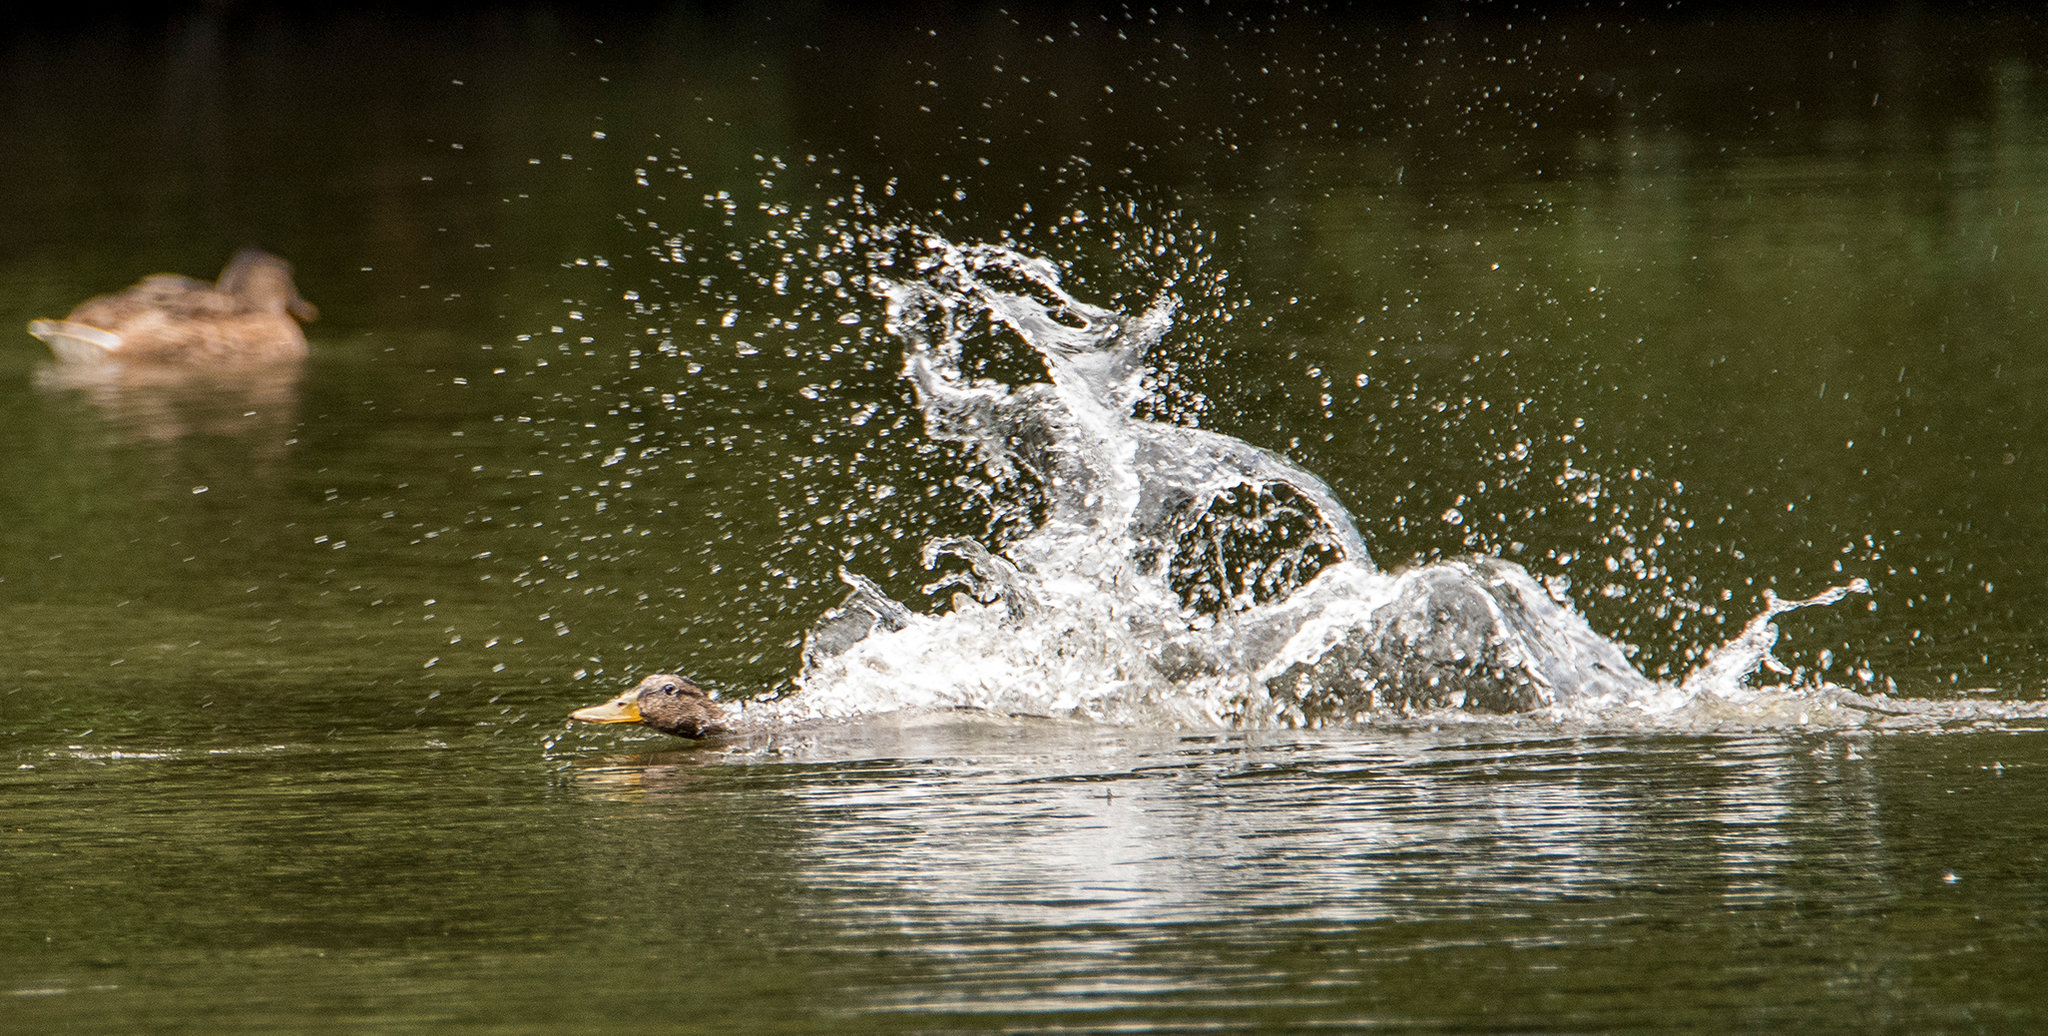 Mallard splashdown